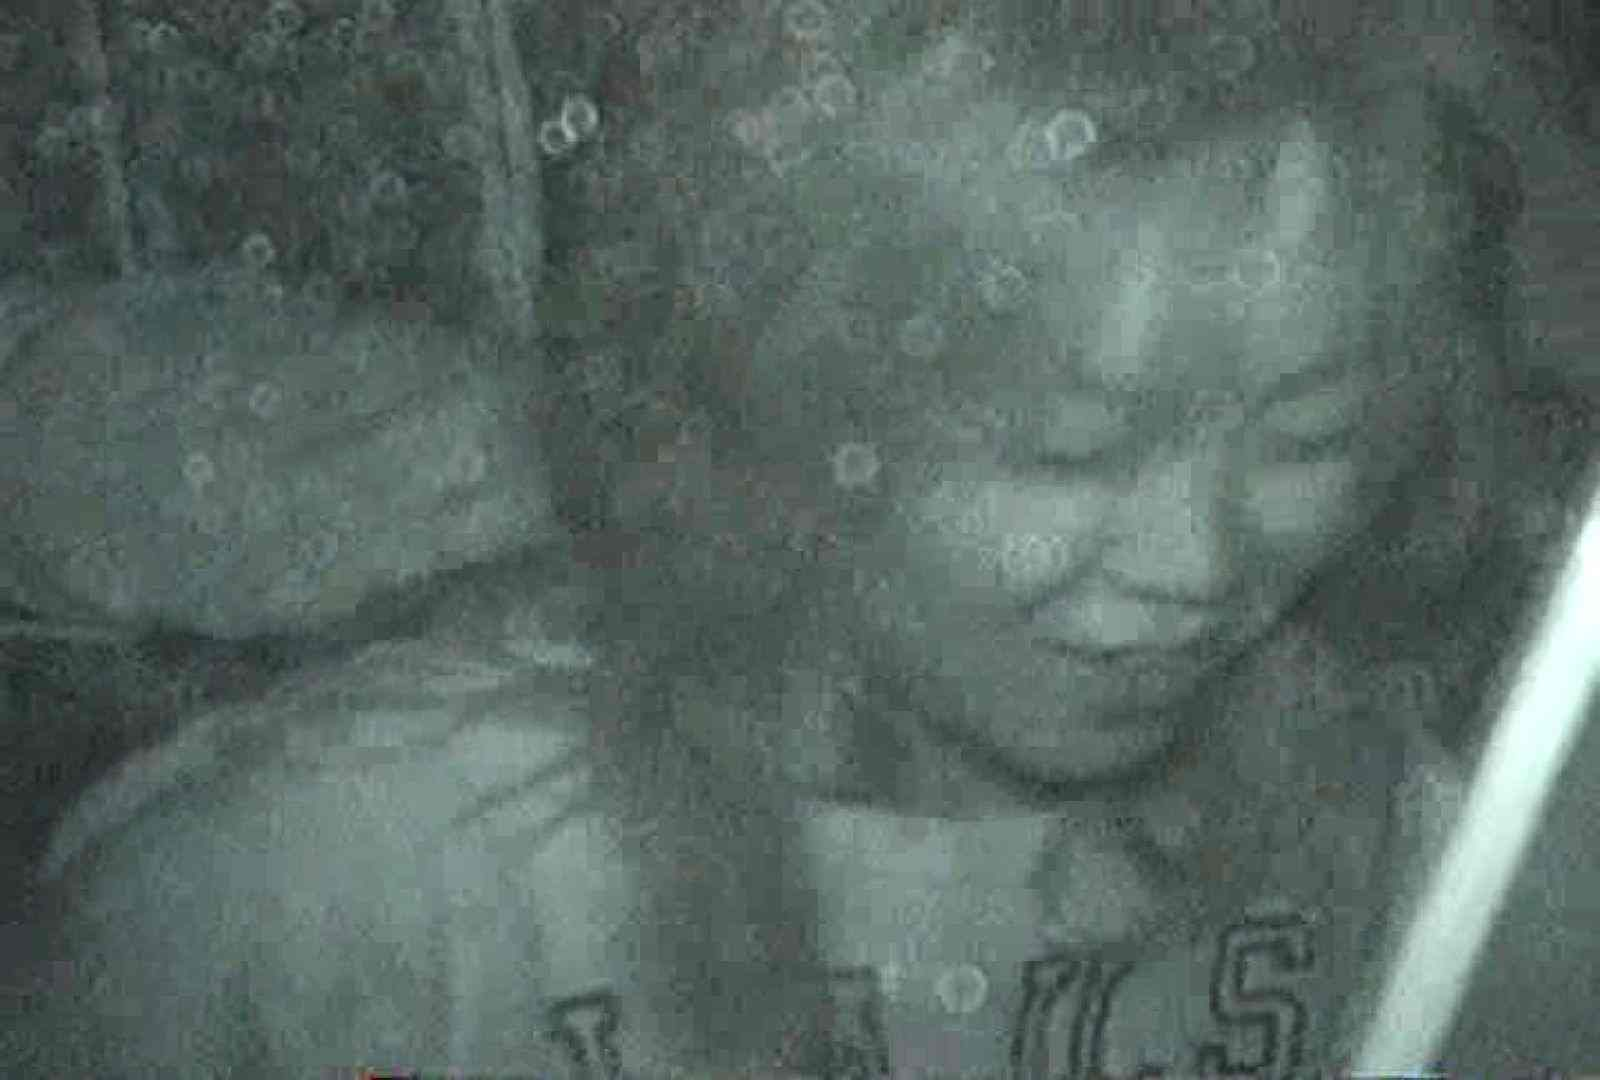 充血監督の深夜の運動会Vol.48 ギャル オマンコ無修正動画無料 75連発 75